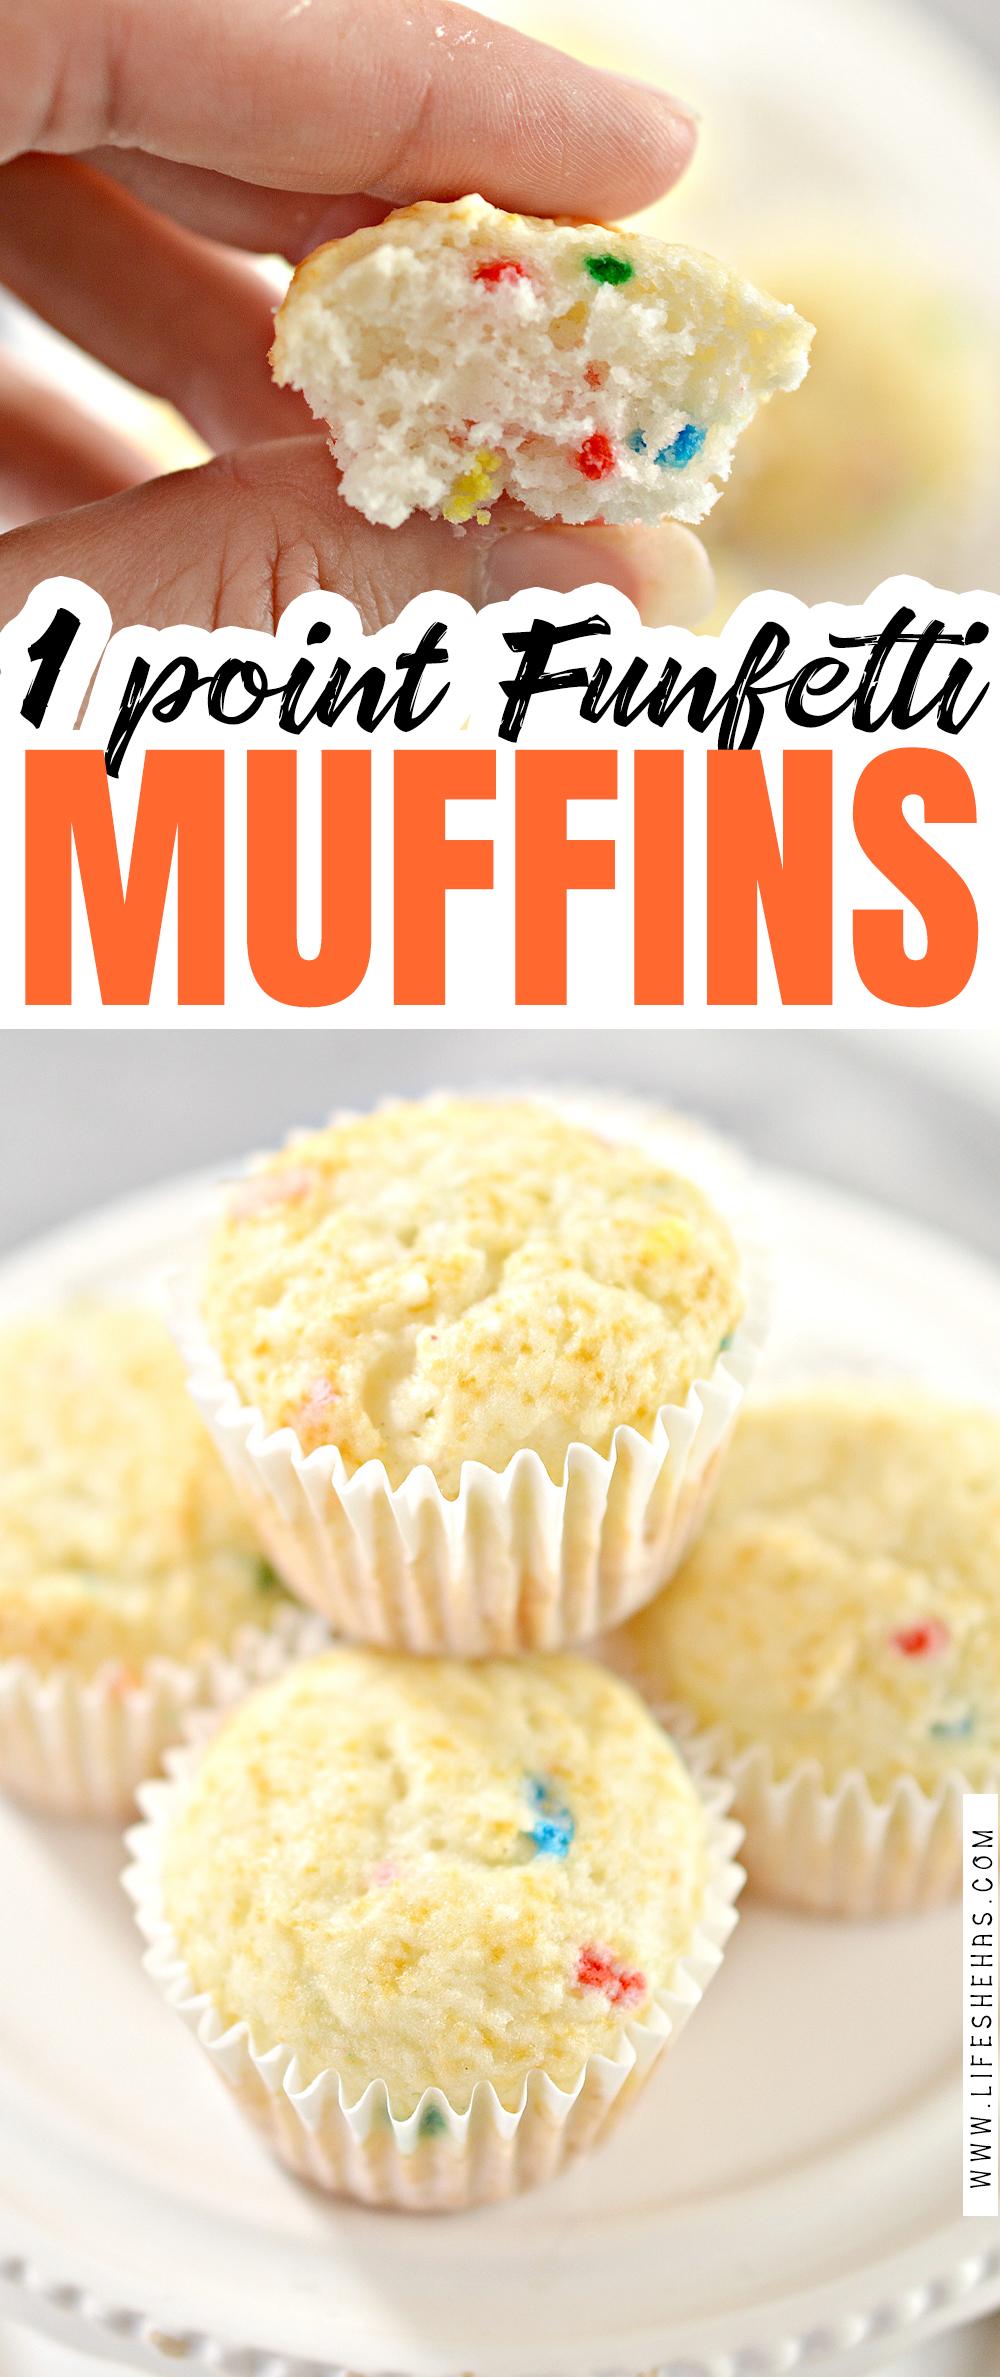 1 point funfetti muffins pin